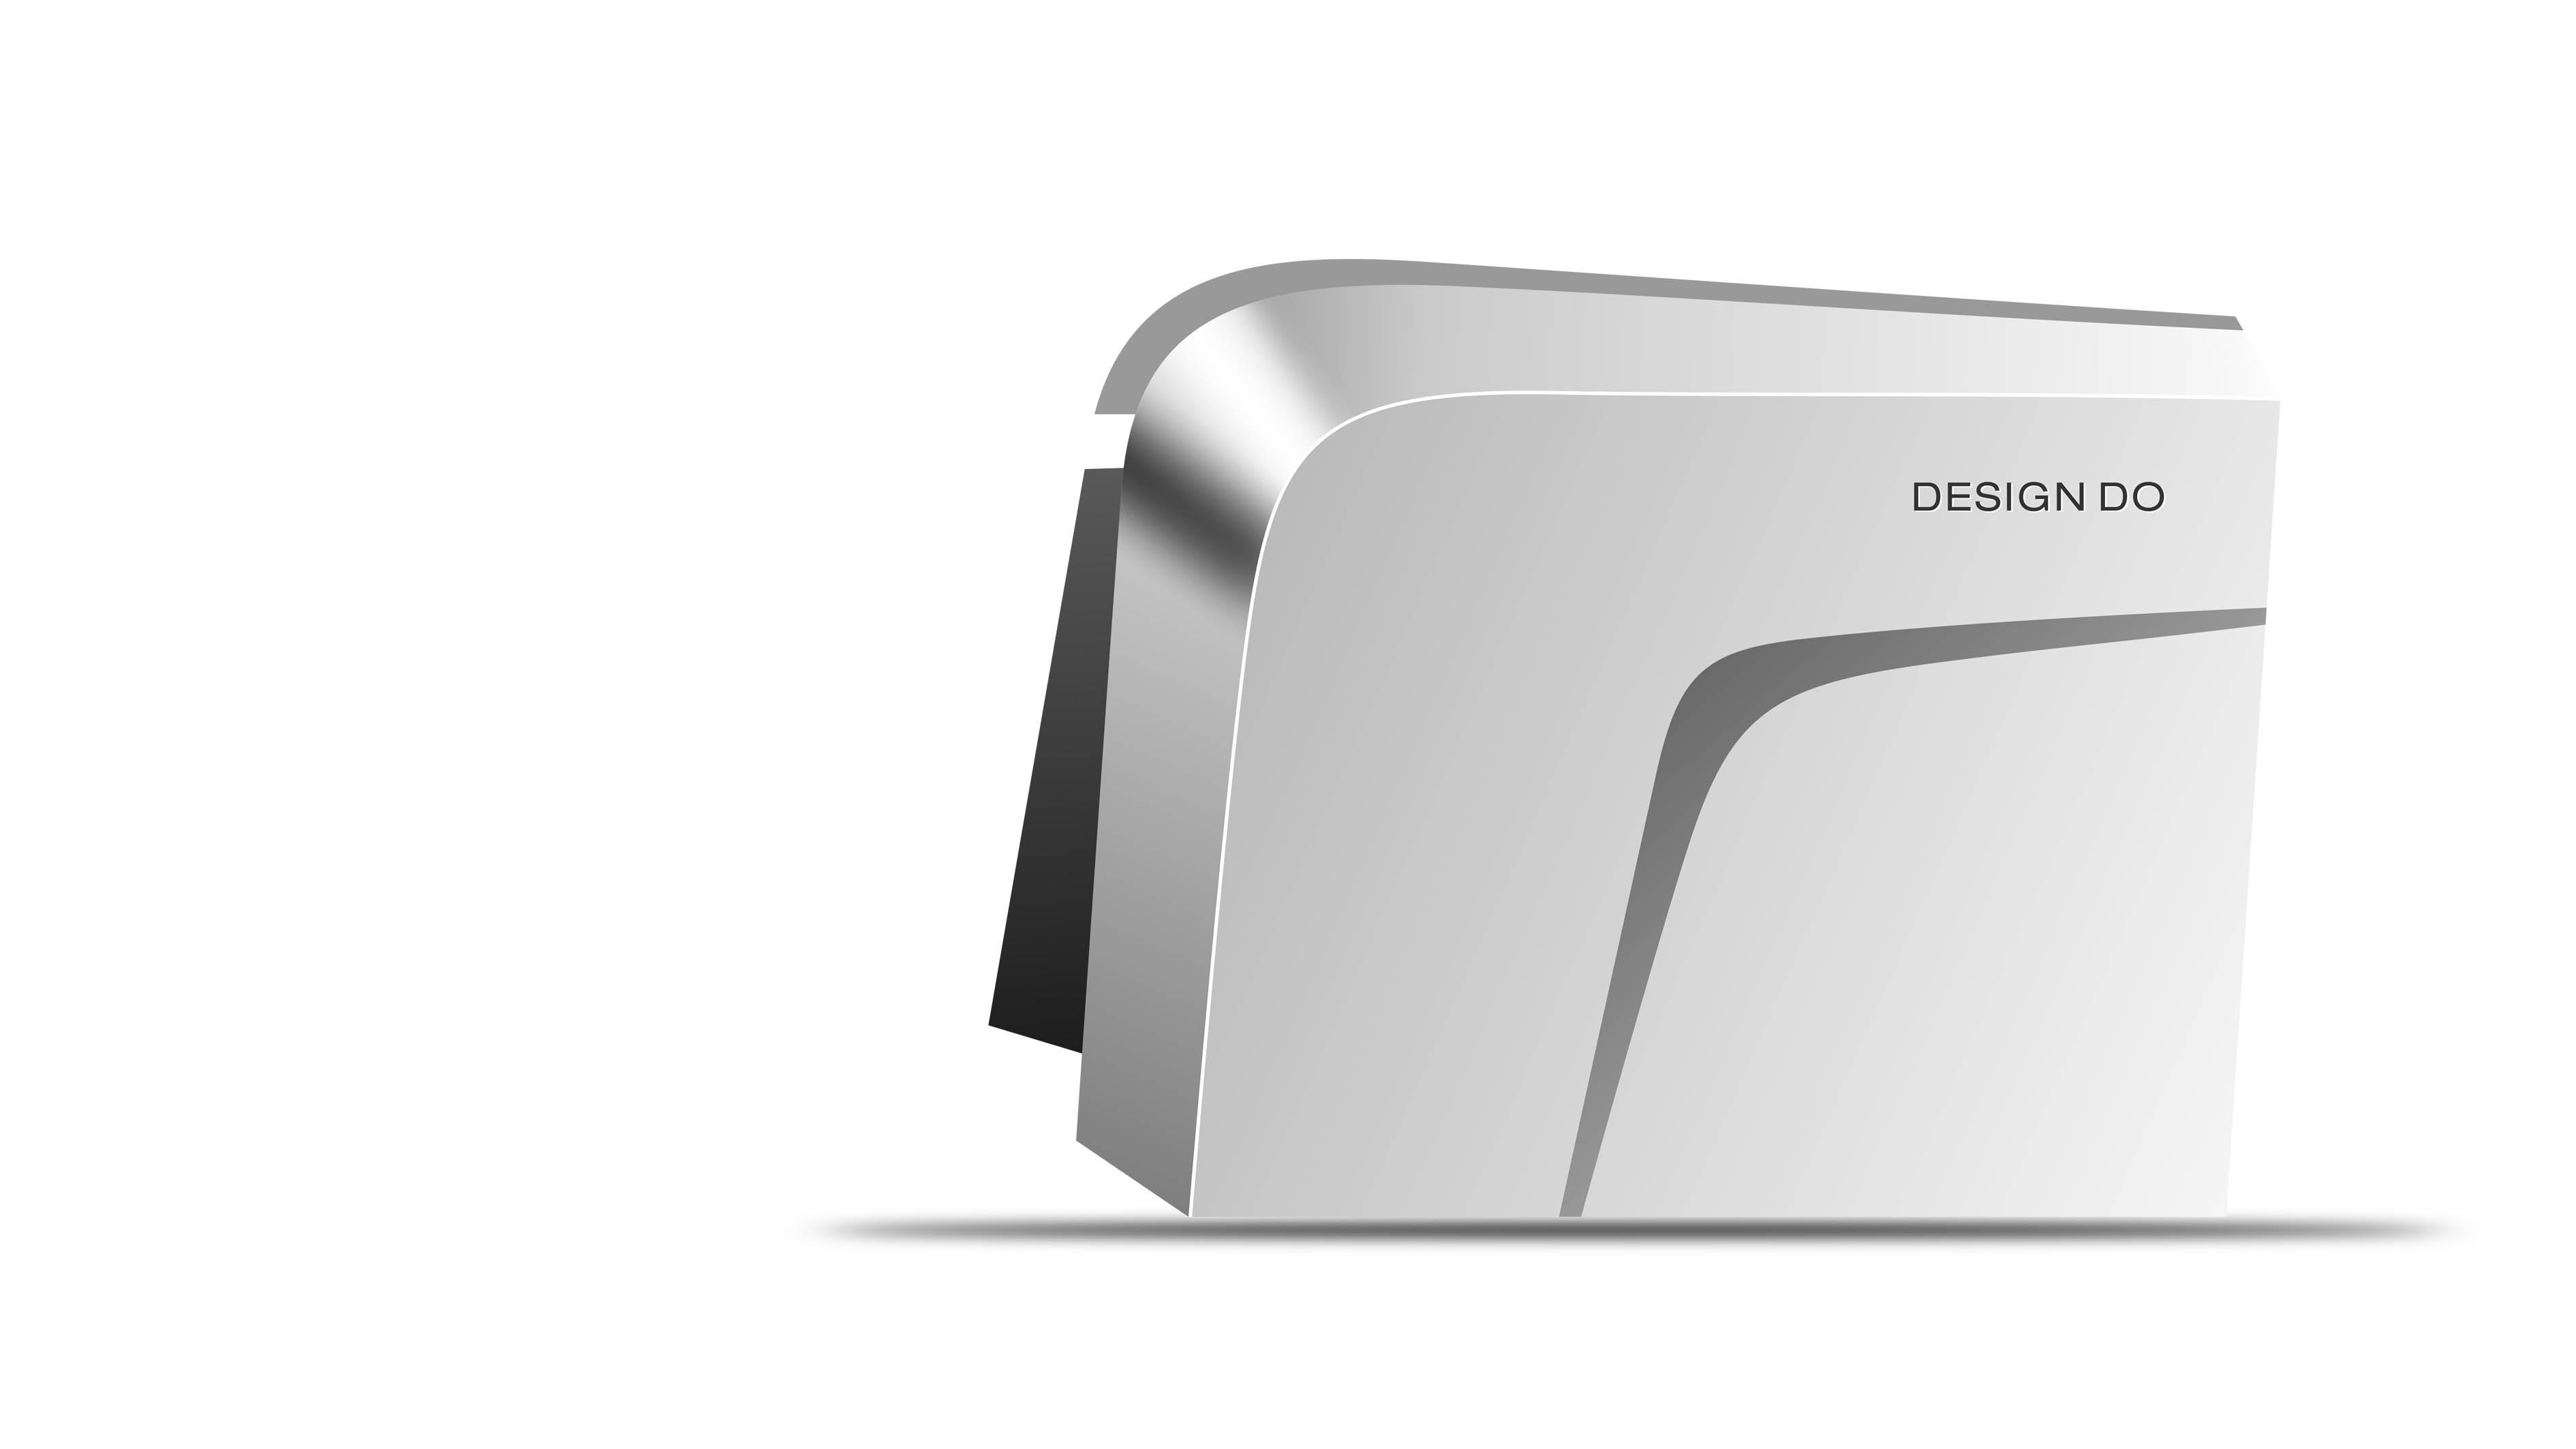 光谱仪2_产品设计-来设计